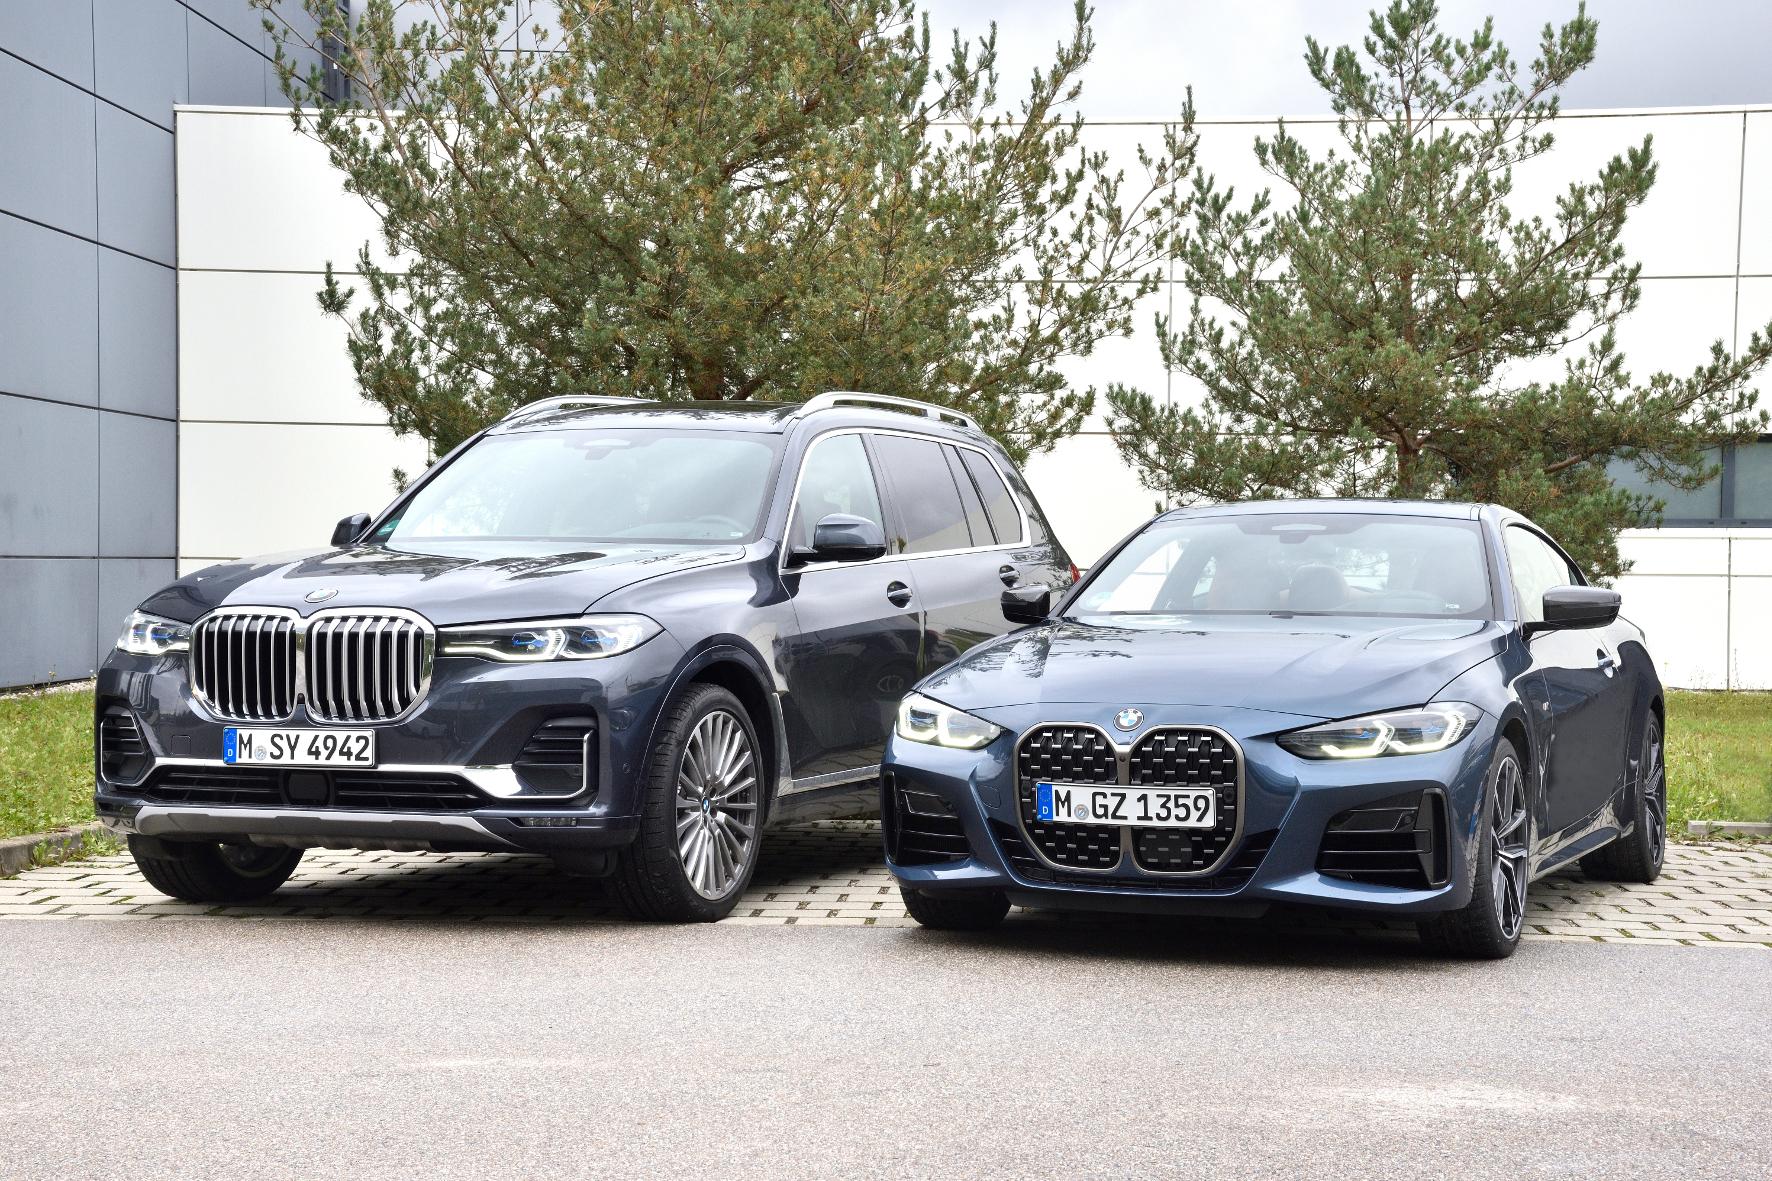 Gleicher Motor in zwei völlig unterschiedlichen bayerischen Autos